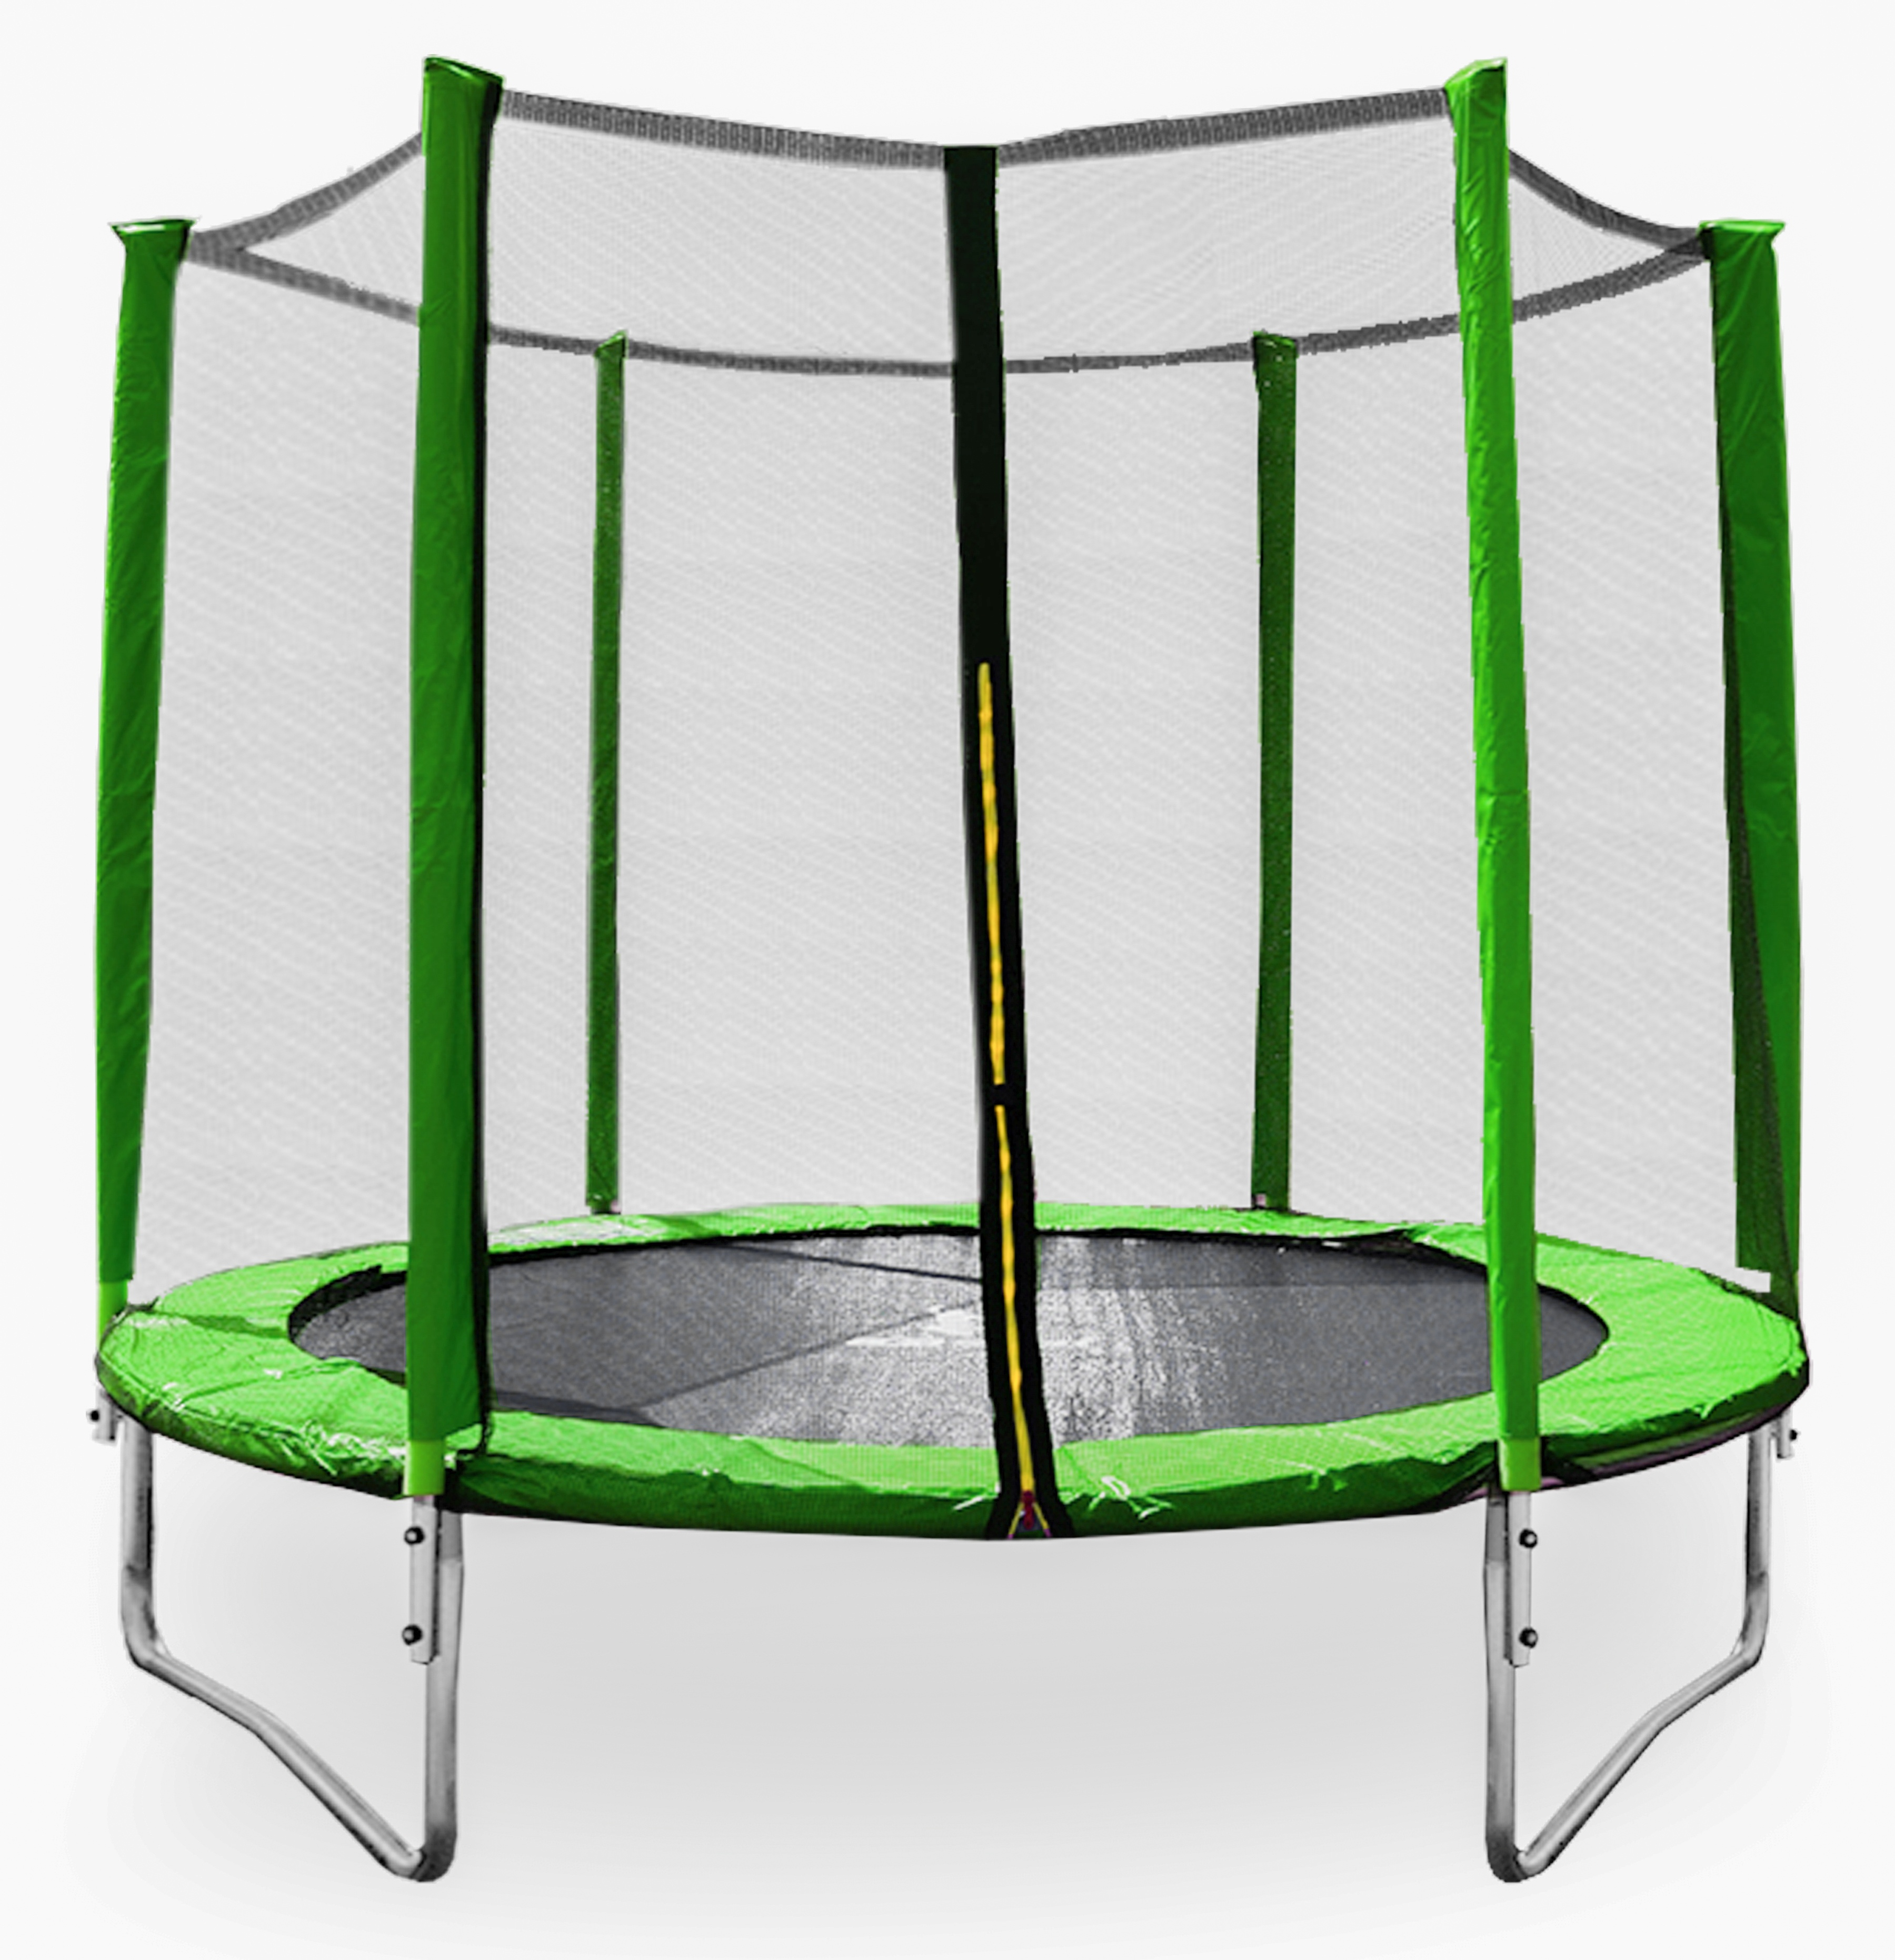 Aga SPORT PRO Trampolína 305 cm Light Green + ochranná sieť